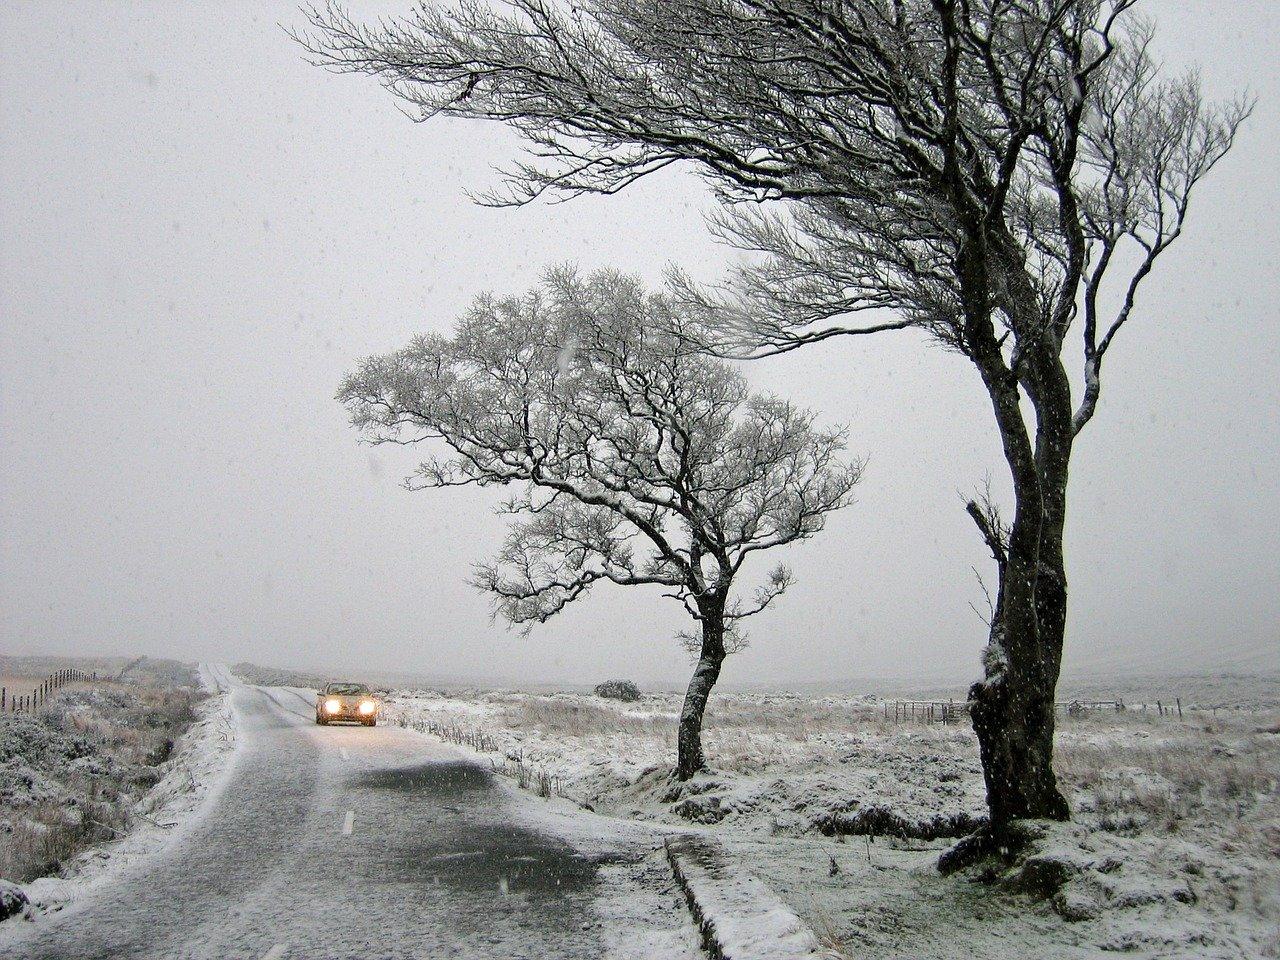 МЧС: в первый день зимы на Крым обрушится шторм